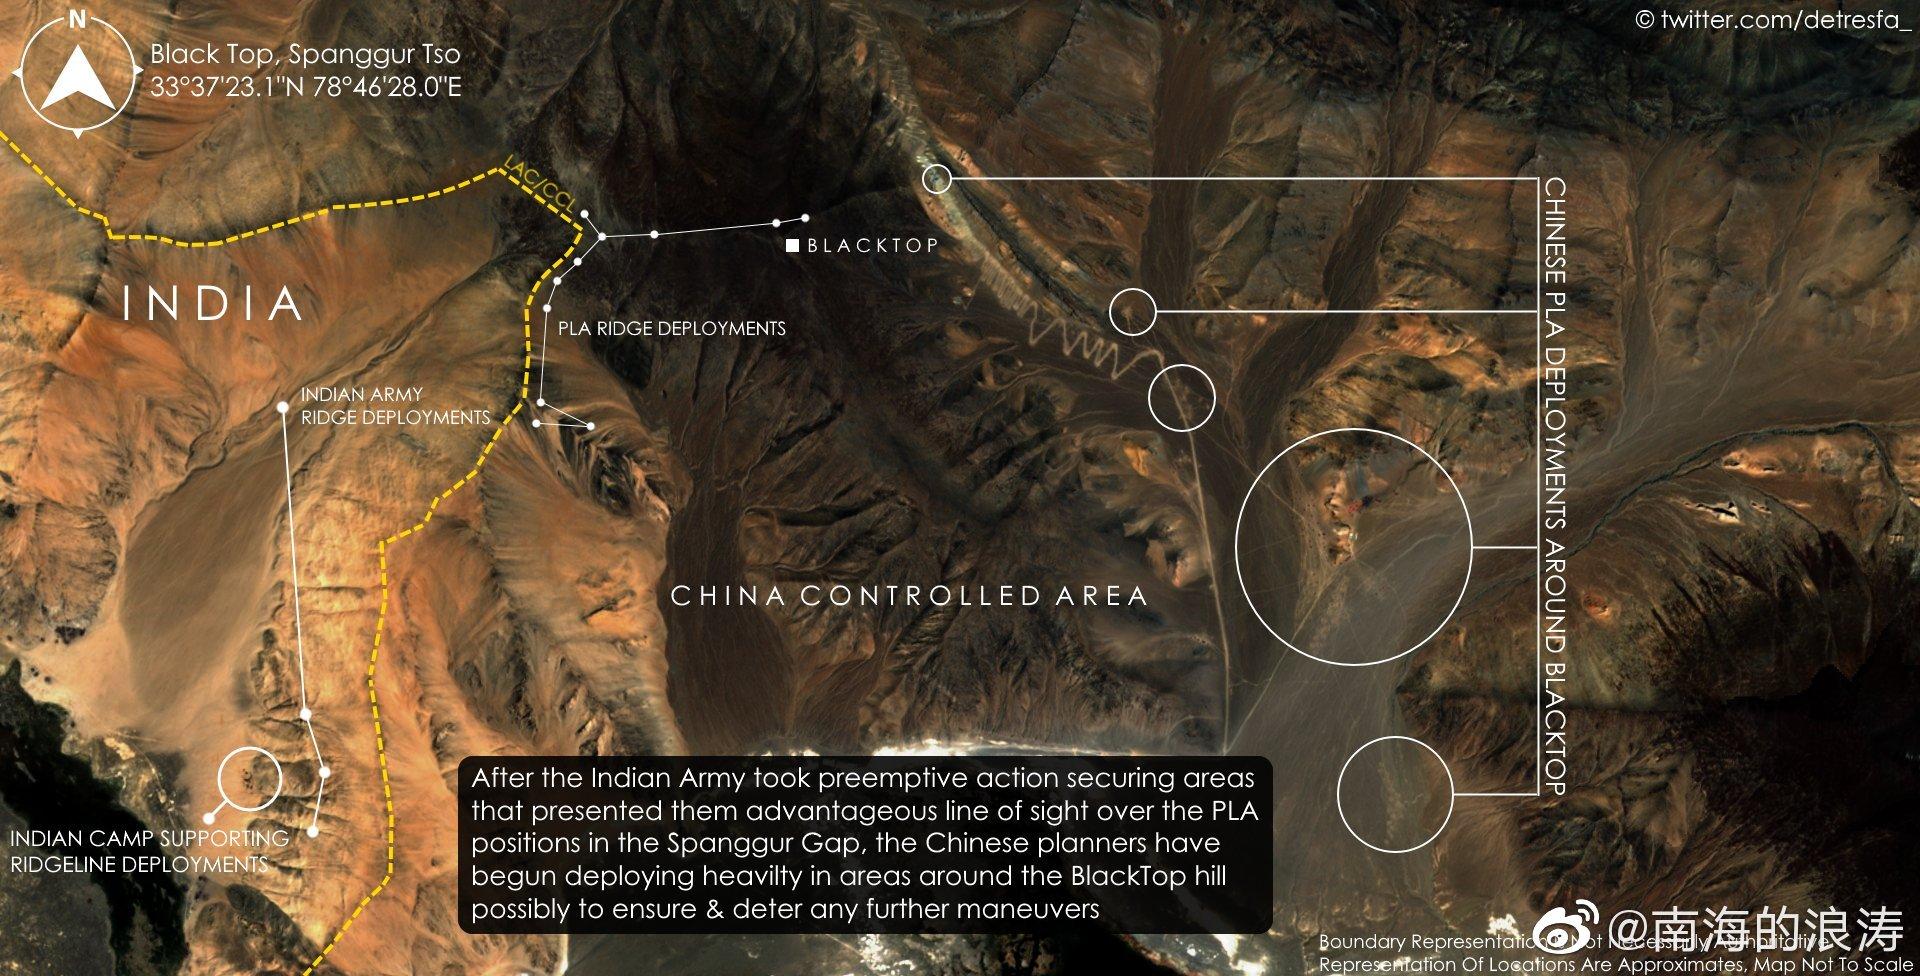 9月11日更新的班公山地区和热钦沟、热琼沟卫星照片